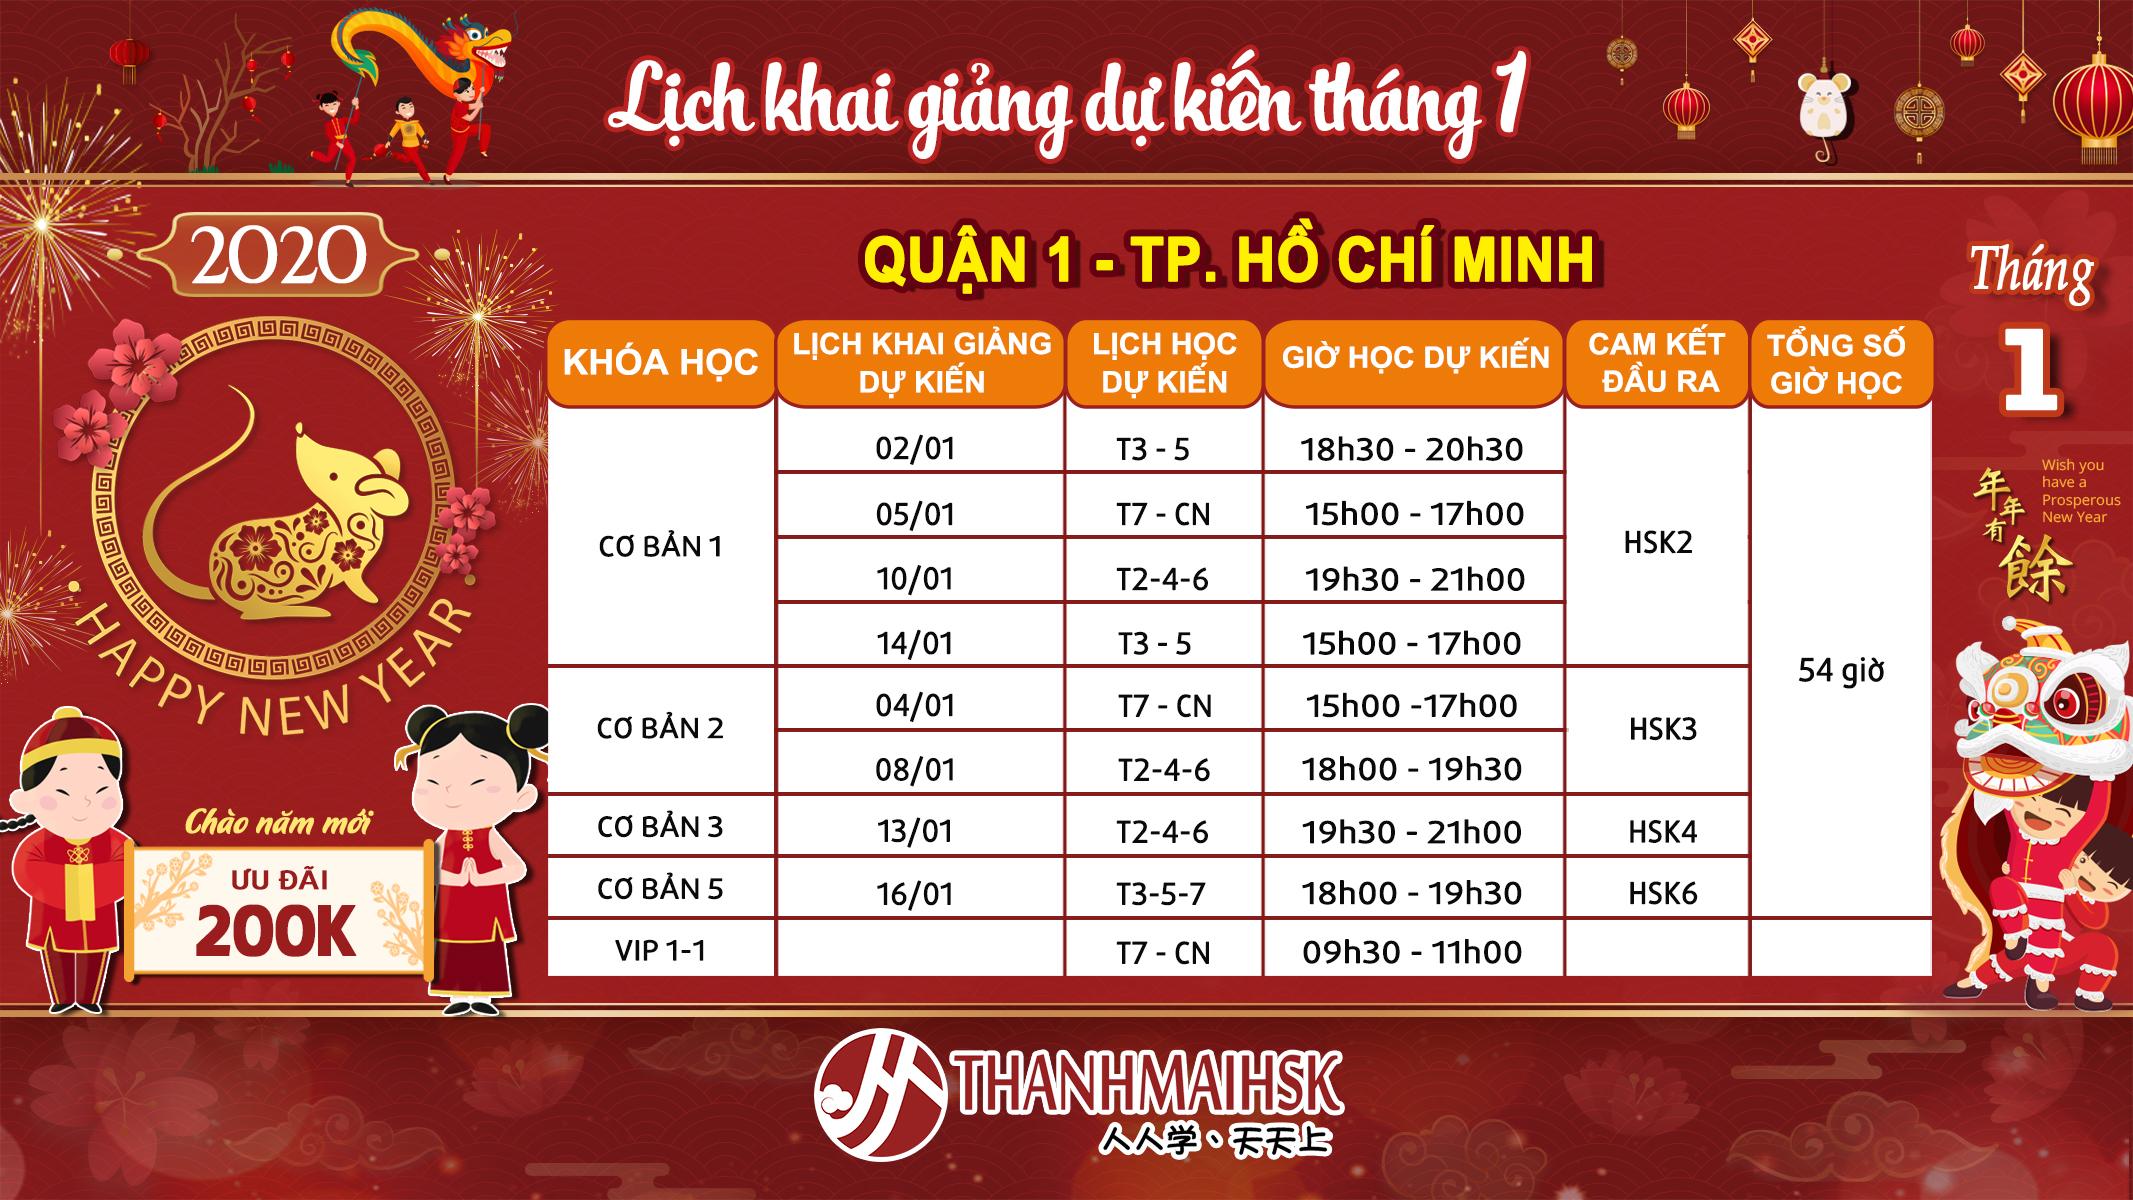 Lịch khai giảng tháng 1/2020 tại THANHMAIHSK cơ sở quận 1 Hồ Chí Minh